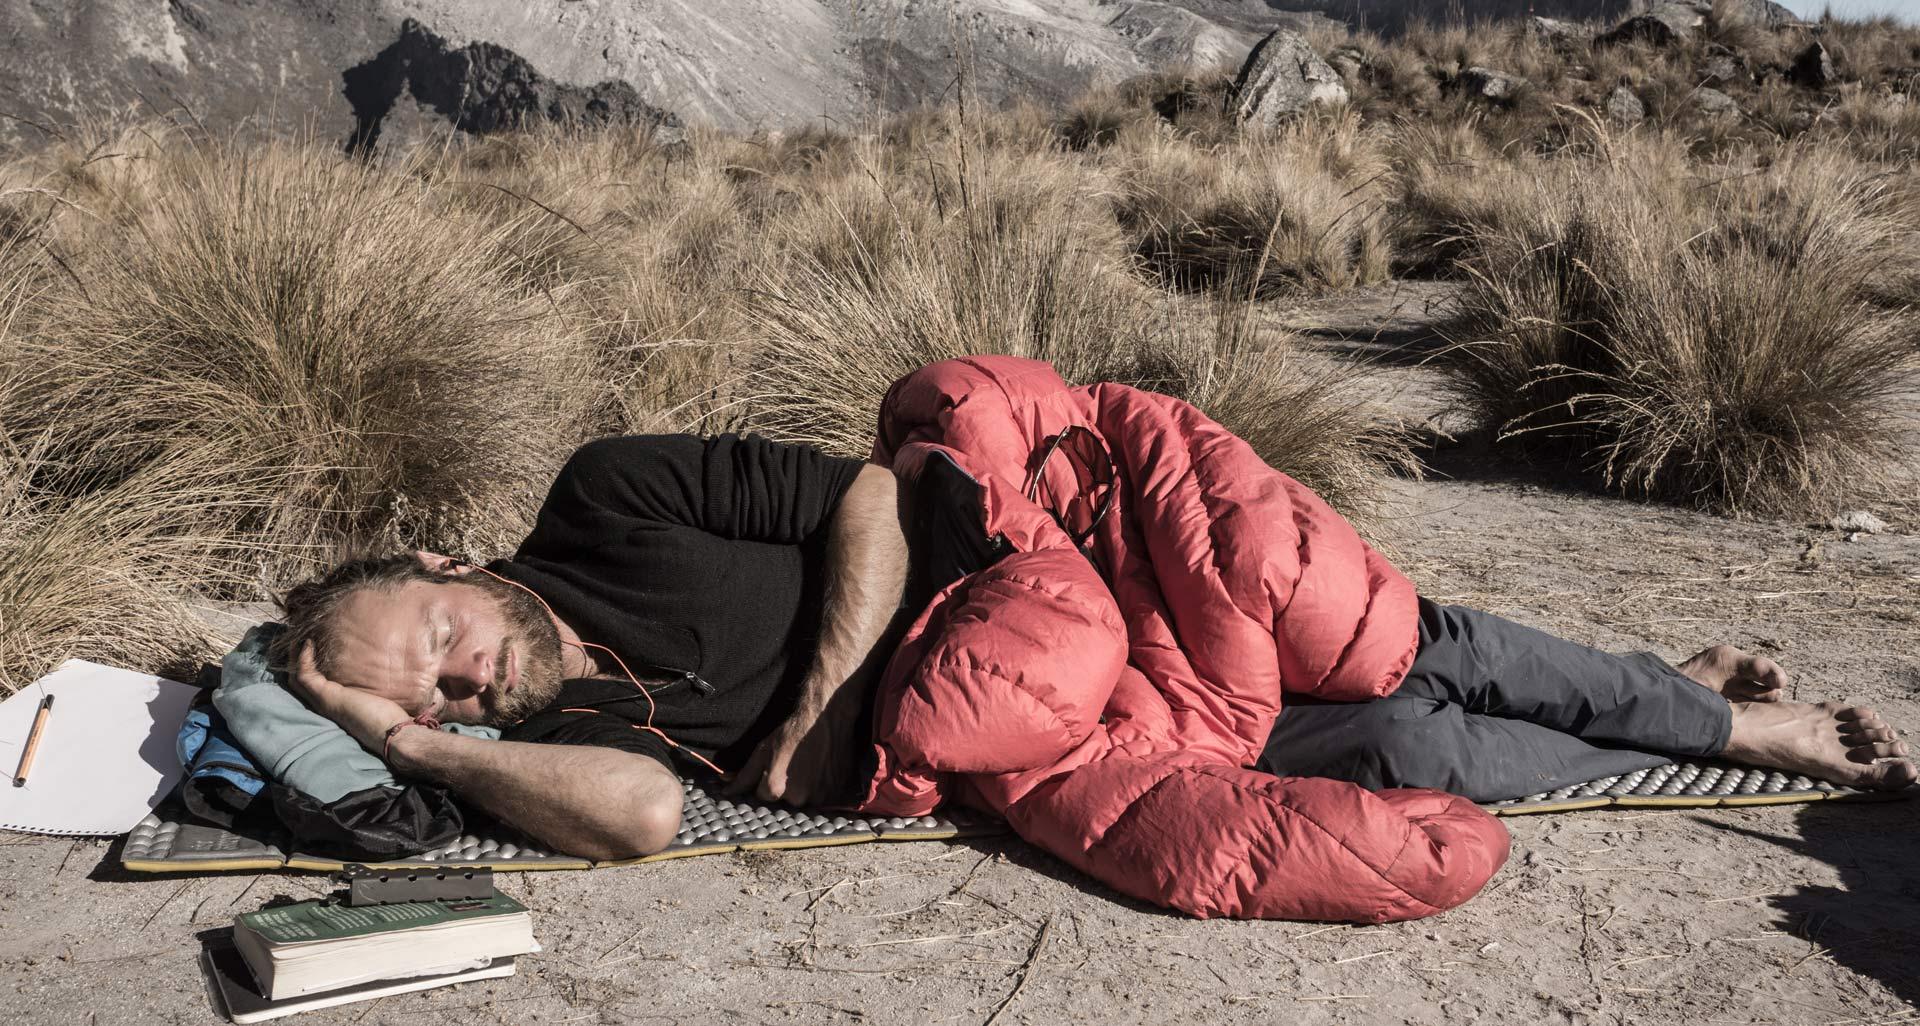 Klassisk letvægtsskumunderlag. Her under en middagslur på alpinklatretur i Peru. Foto: Lars Fjendbo Møller